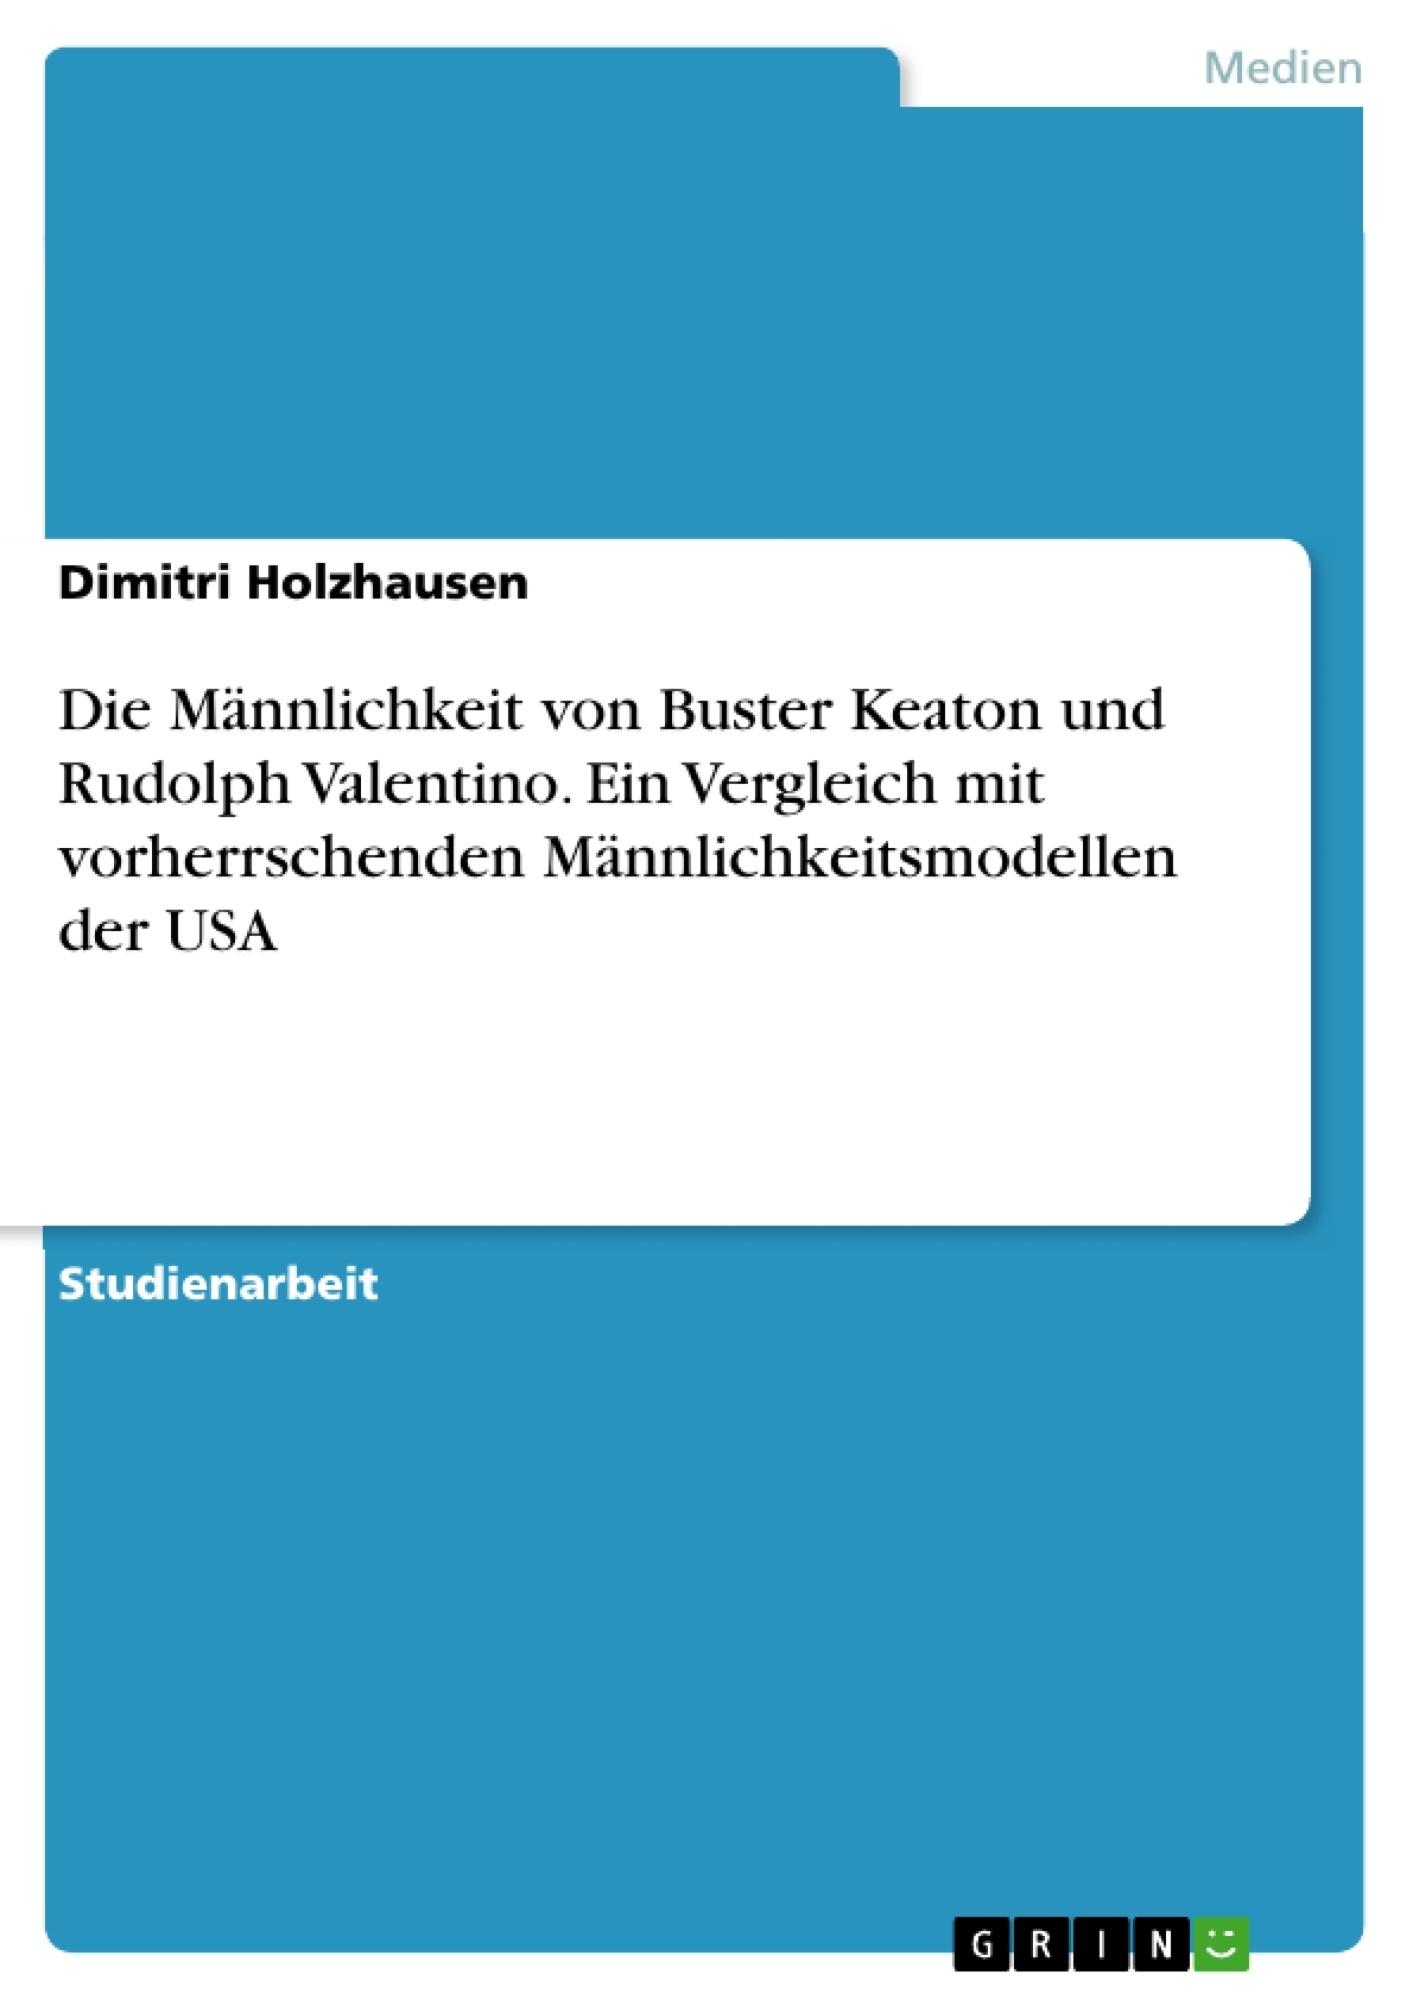 Titel: Die Männlichkeit von Buster Keaton und Rudolph Valentino. Ein Vergleich mit vorherrschenden Männlichkeitsmodellen der USA